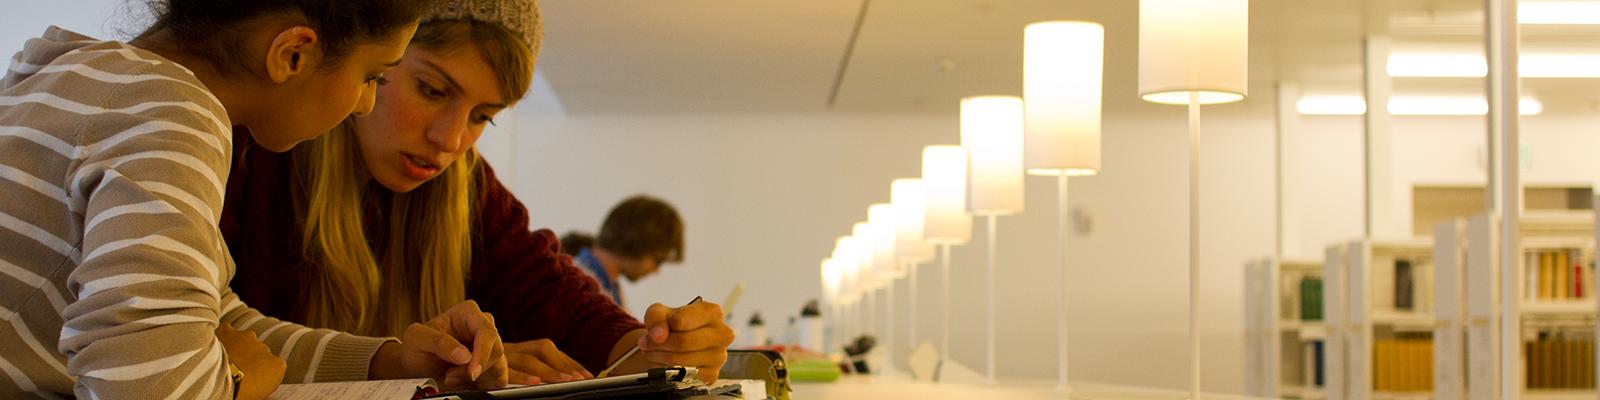 Studenten die onderwijs volgen aan de Universiteit Utrecht studeren in tweetal in de bibliotheek.